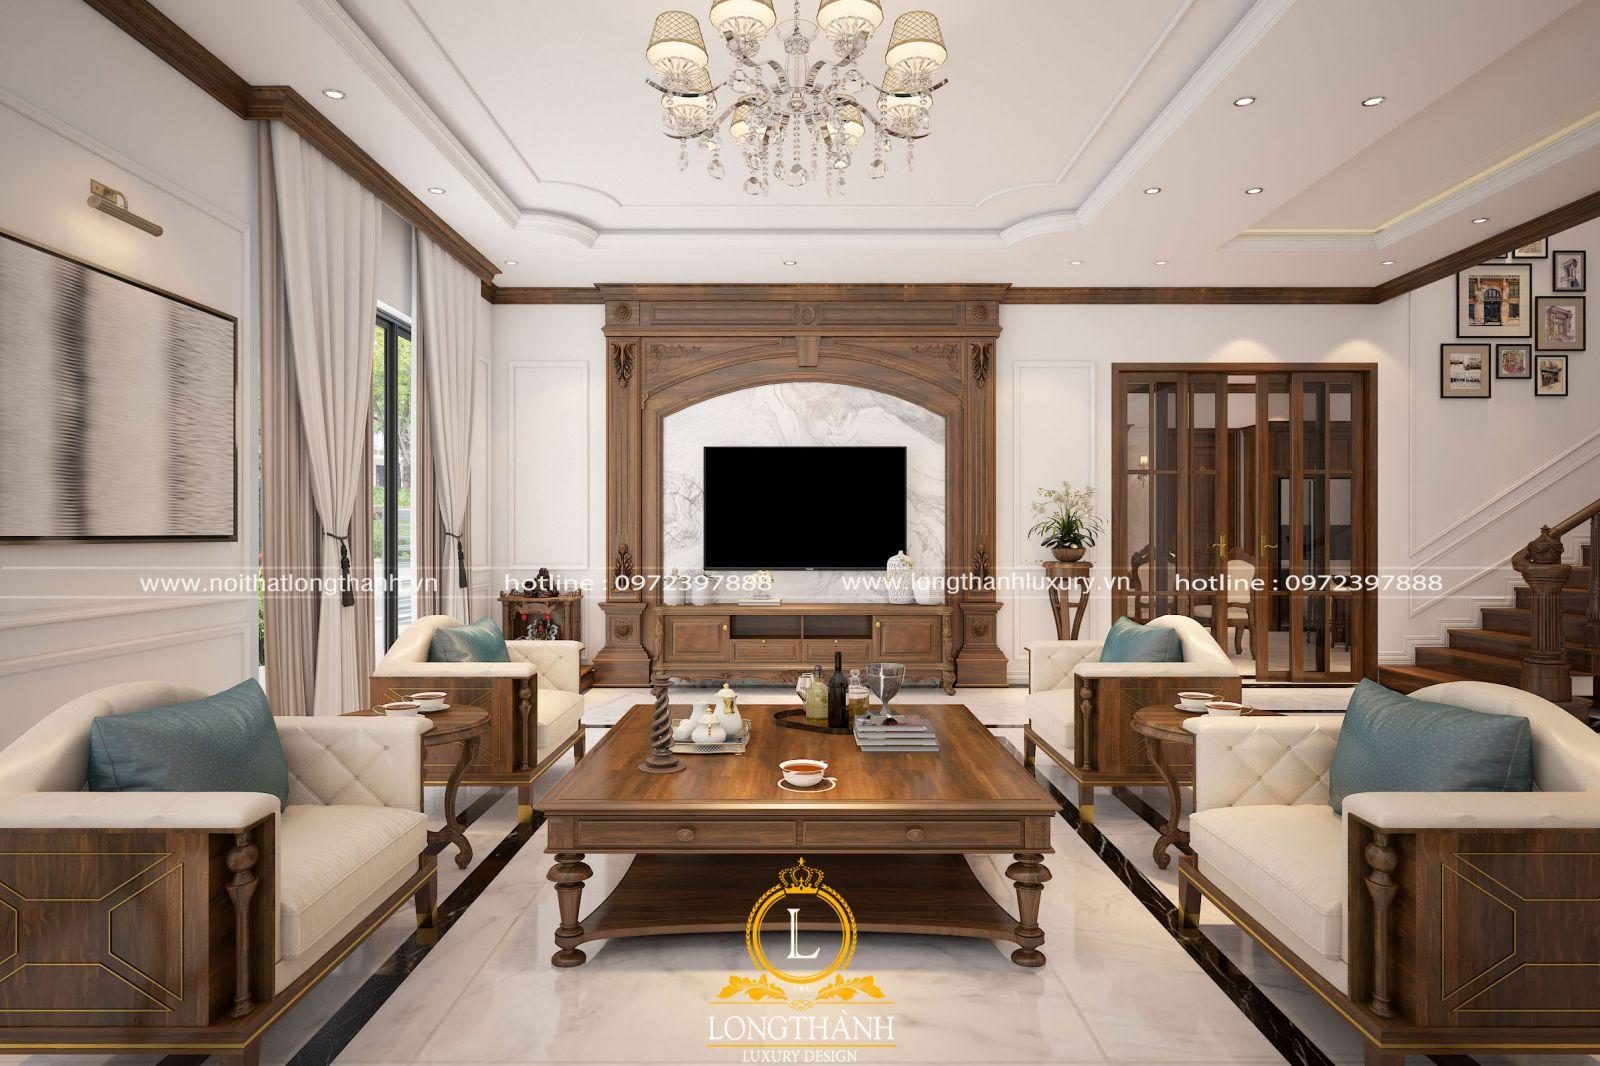 Sofa tân cổ điển hiện đại với thiết kế độc đáo